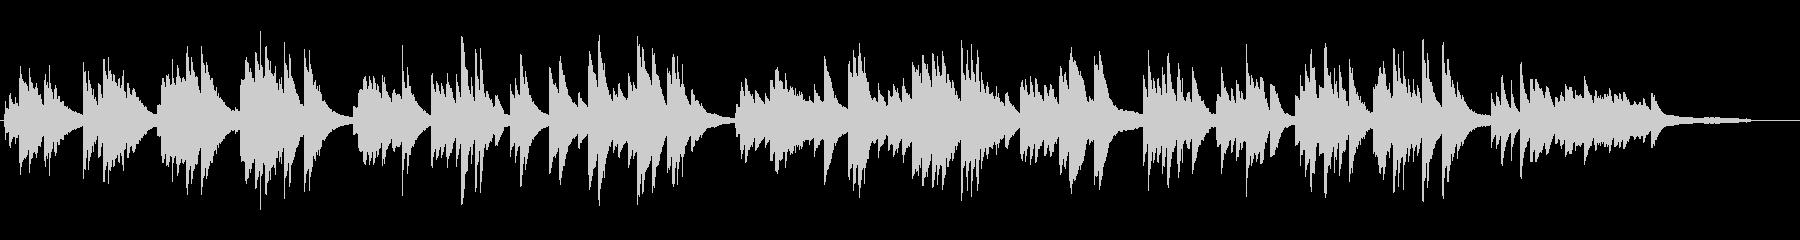 ピアノソロ 温かい 日常的の未再生の波形